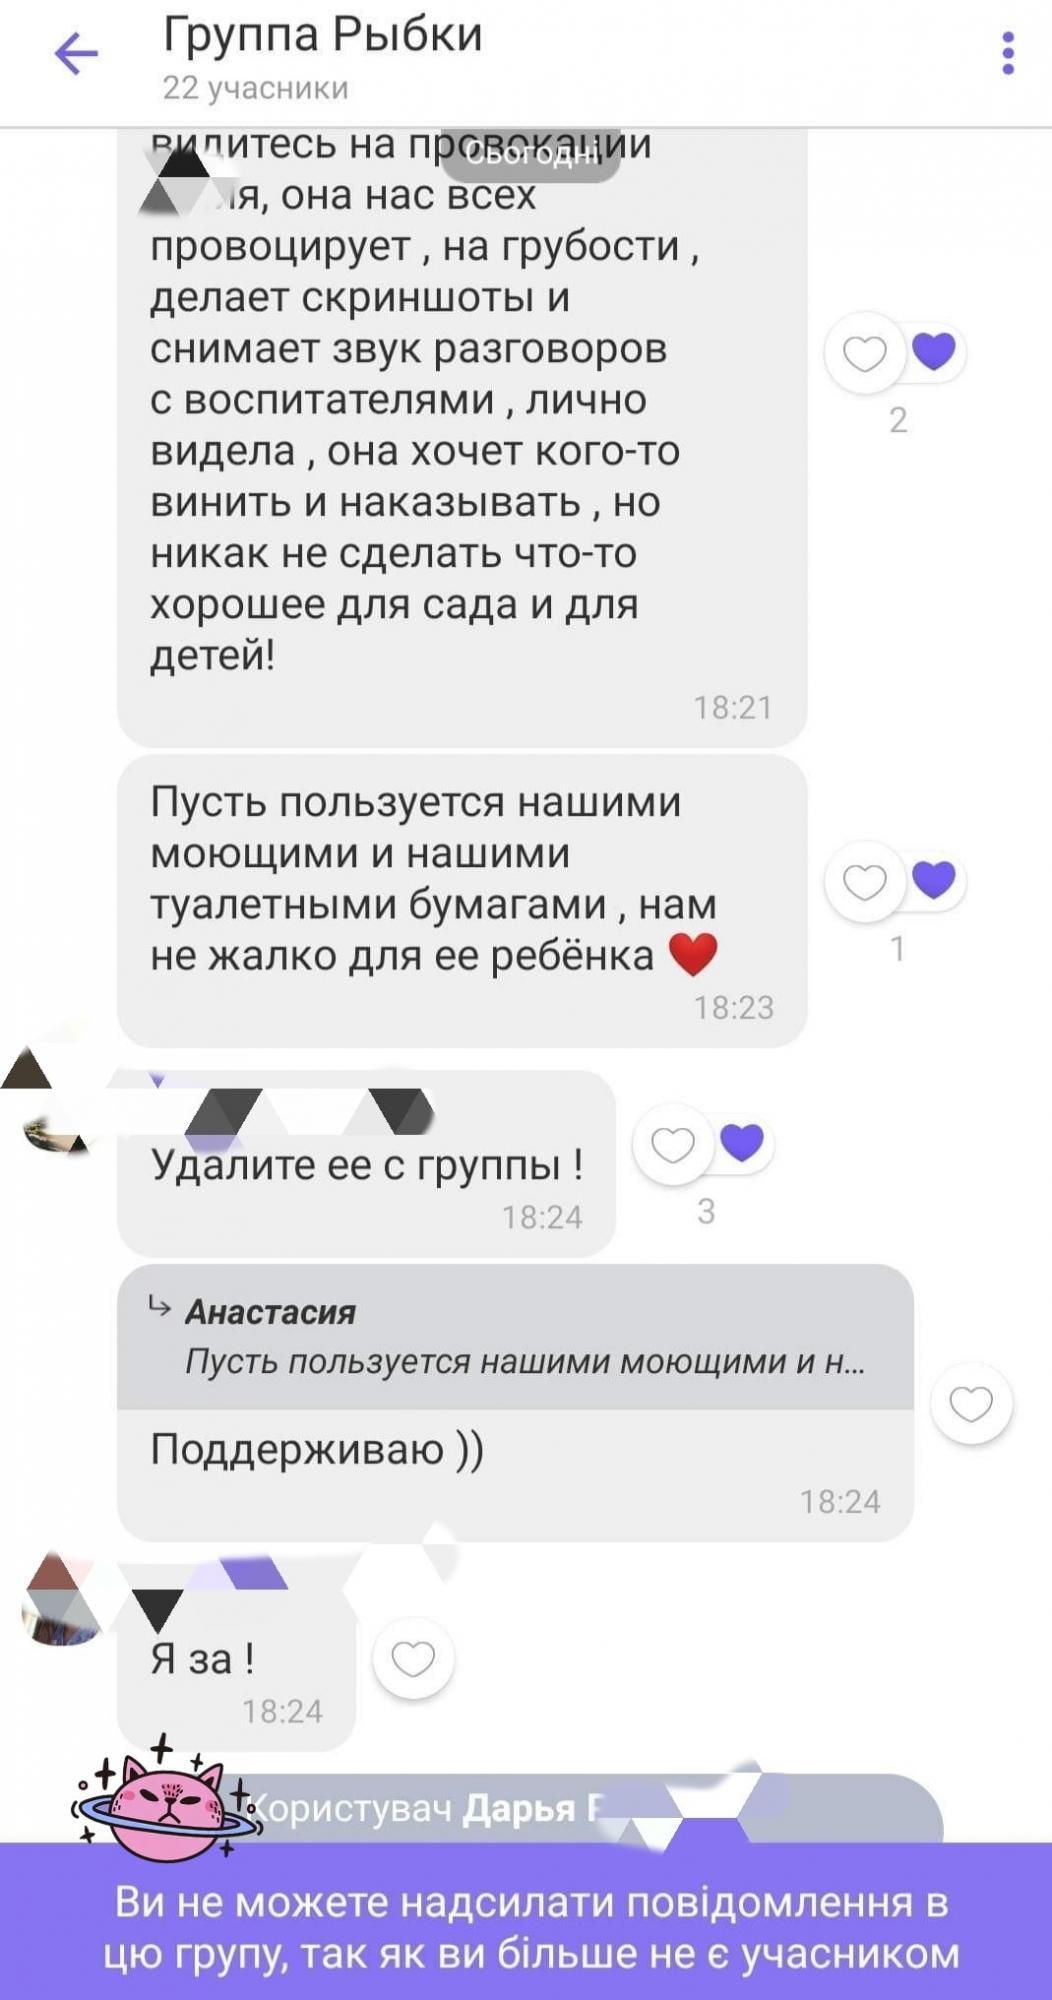 В Запорожье разгорелся скандал в детсаду: ребенку запретили пользоваться туалетной бумагой